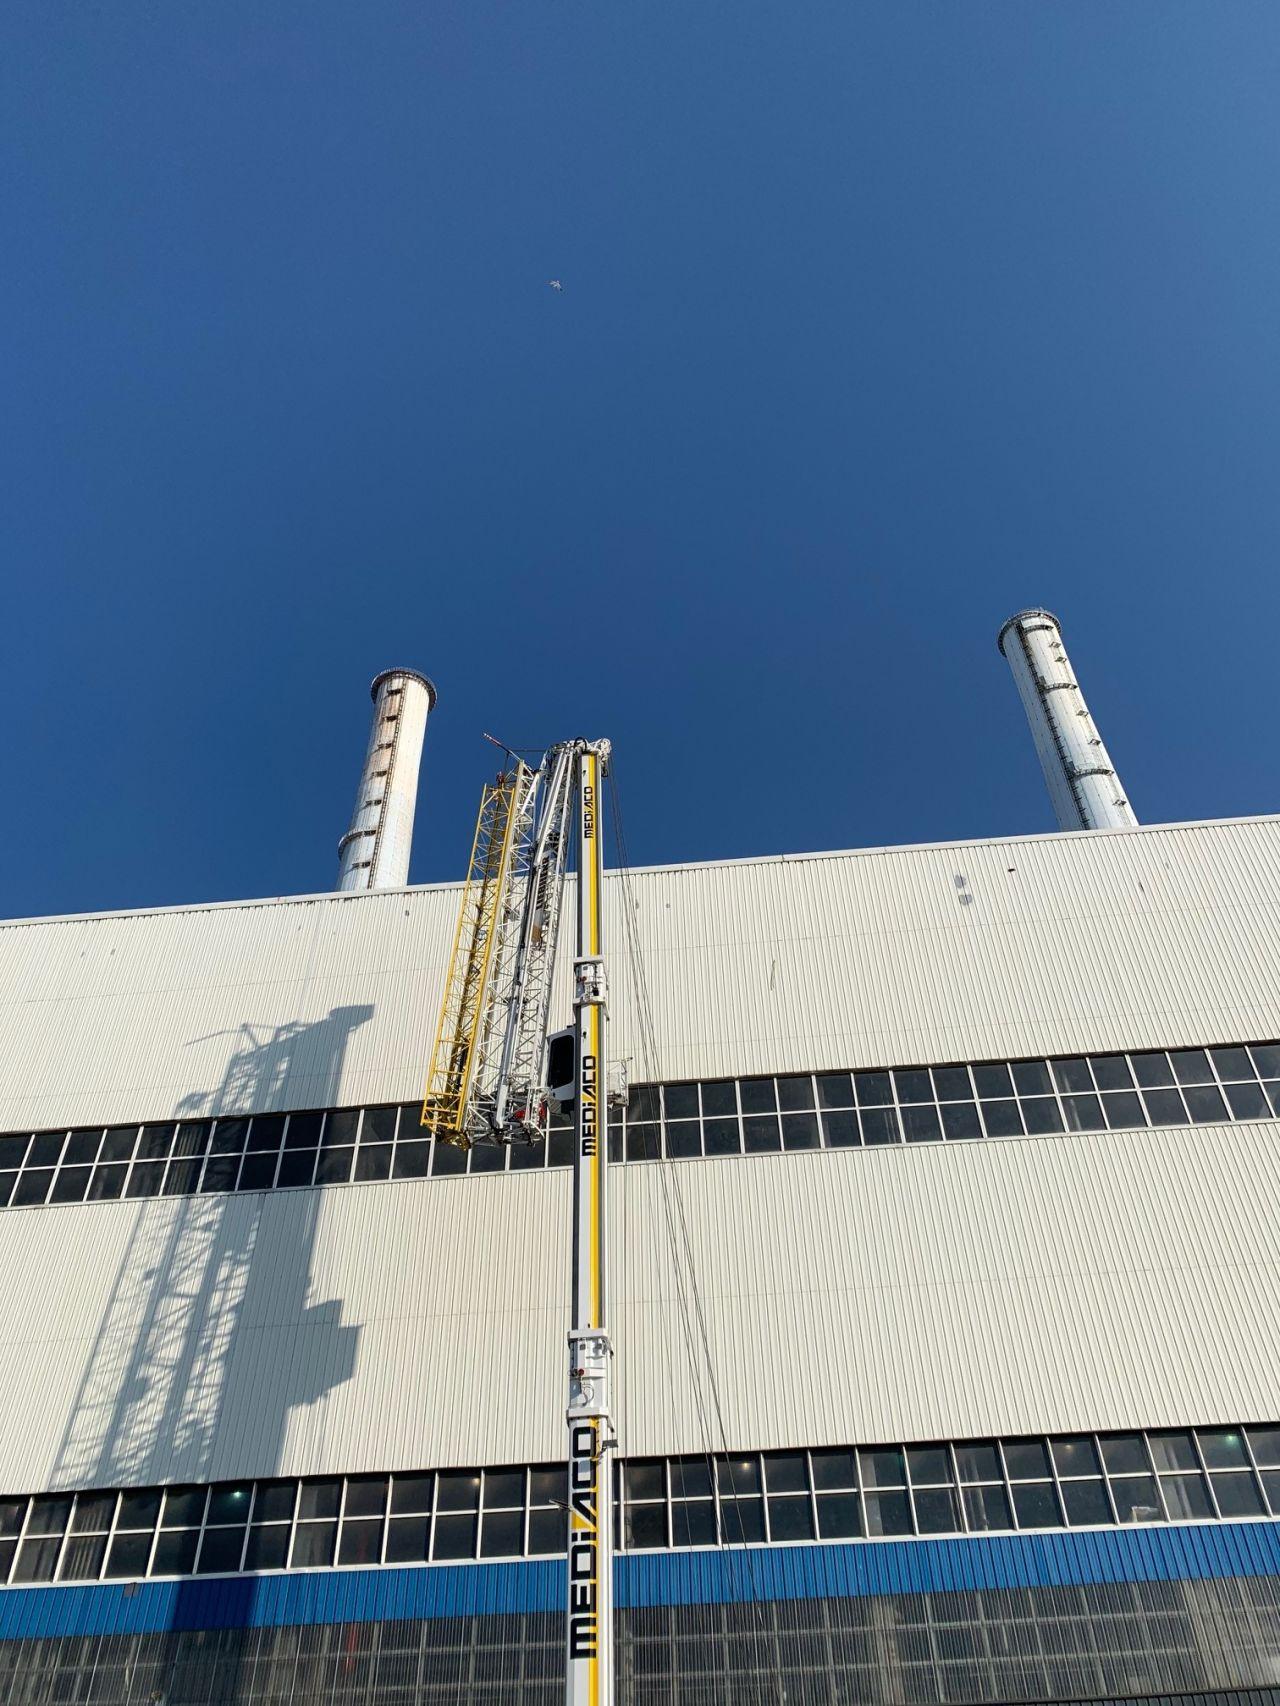 Centrale thermique EDF - Grutage - Toiture - Dufour, Le Havre